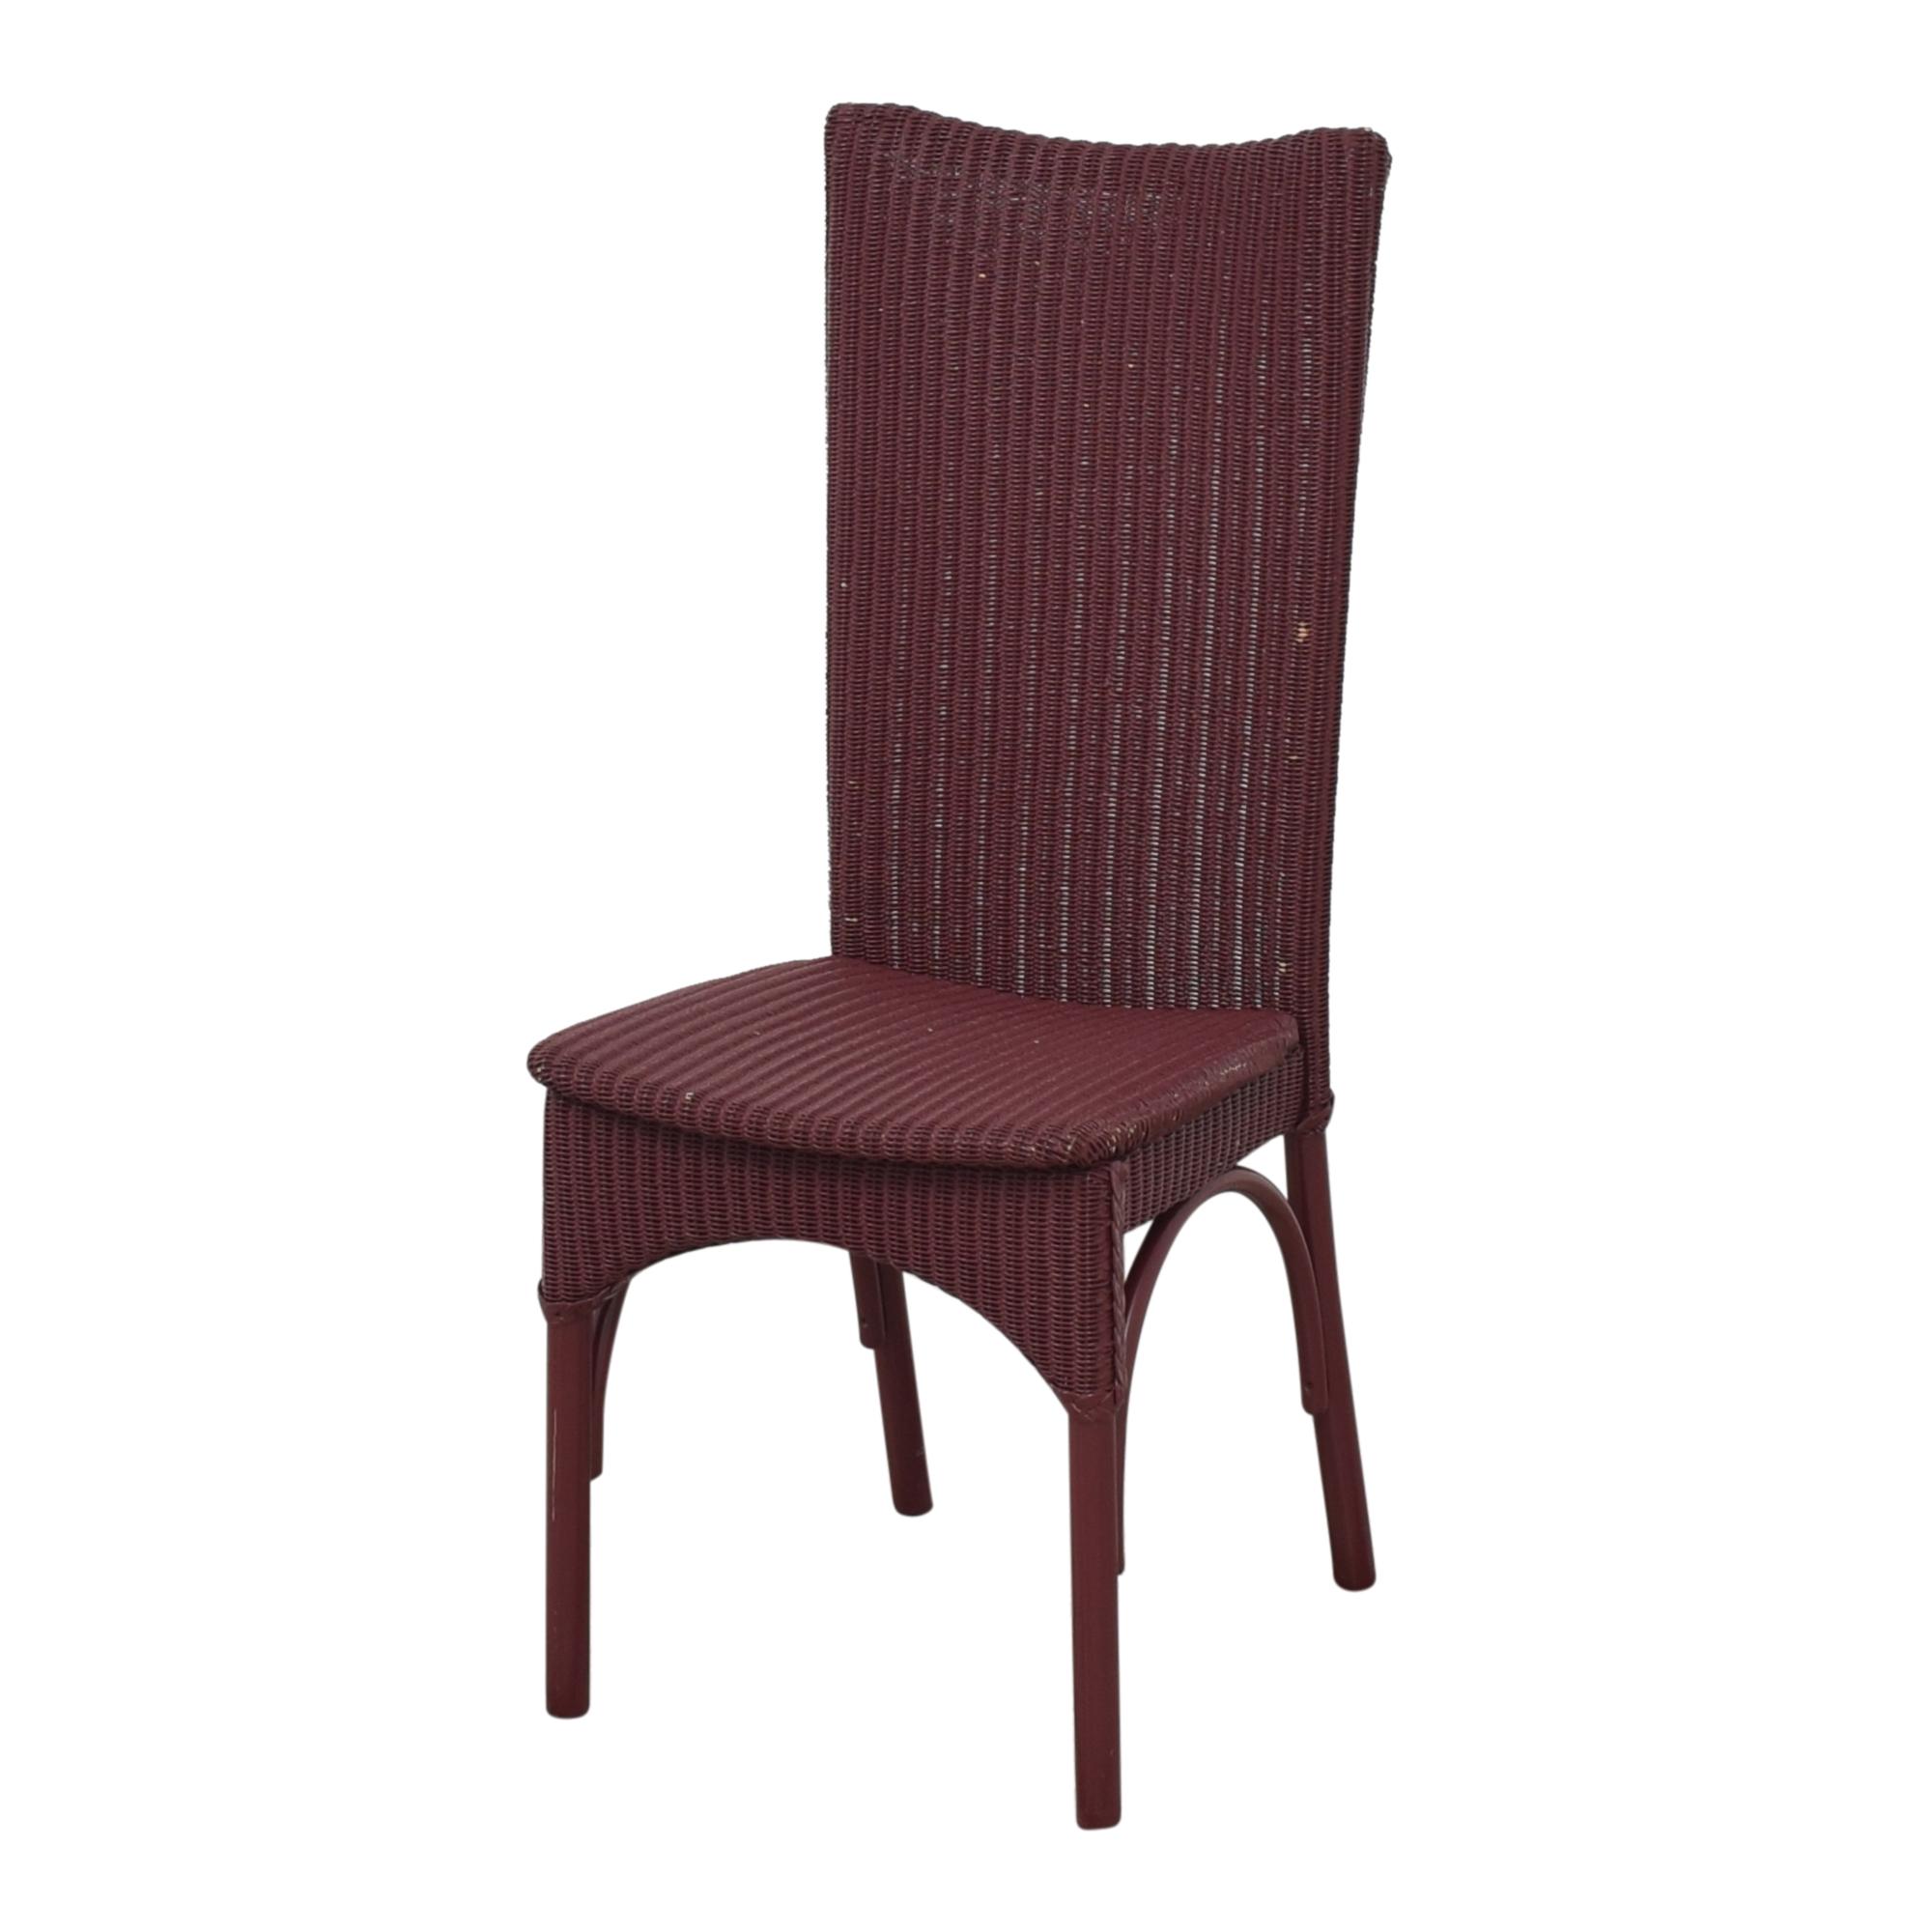 Loom USA Loom High Back Dining Chairs price